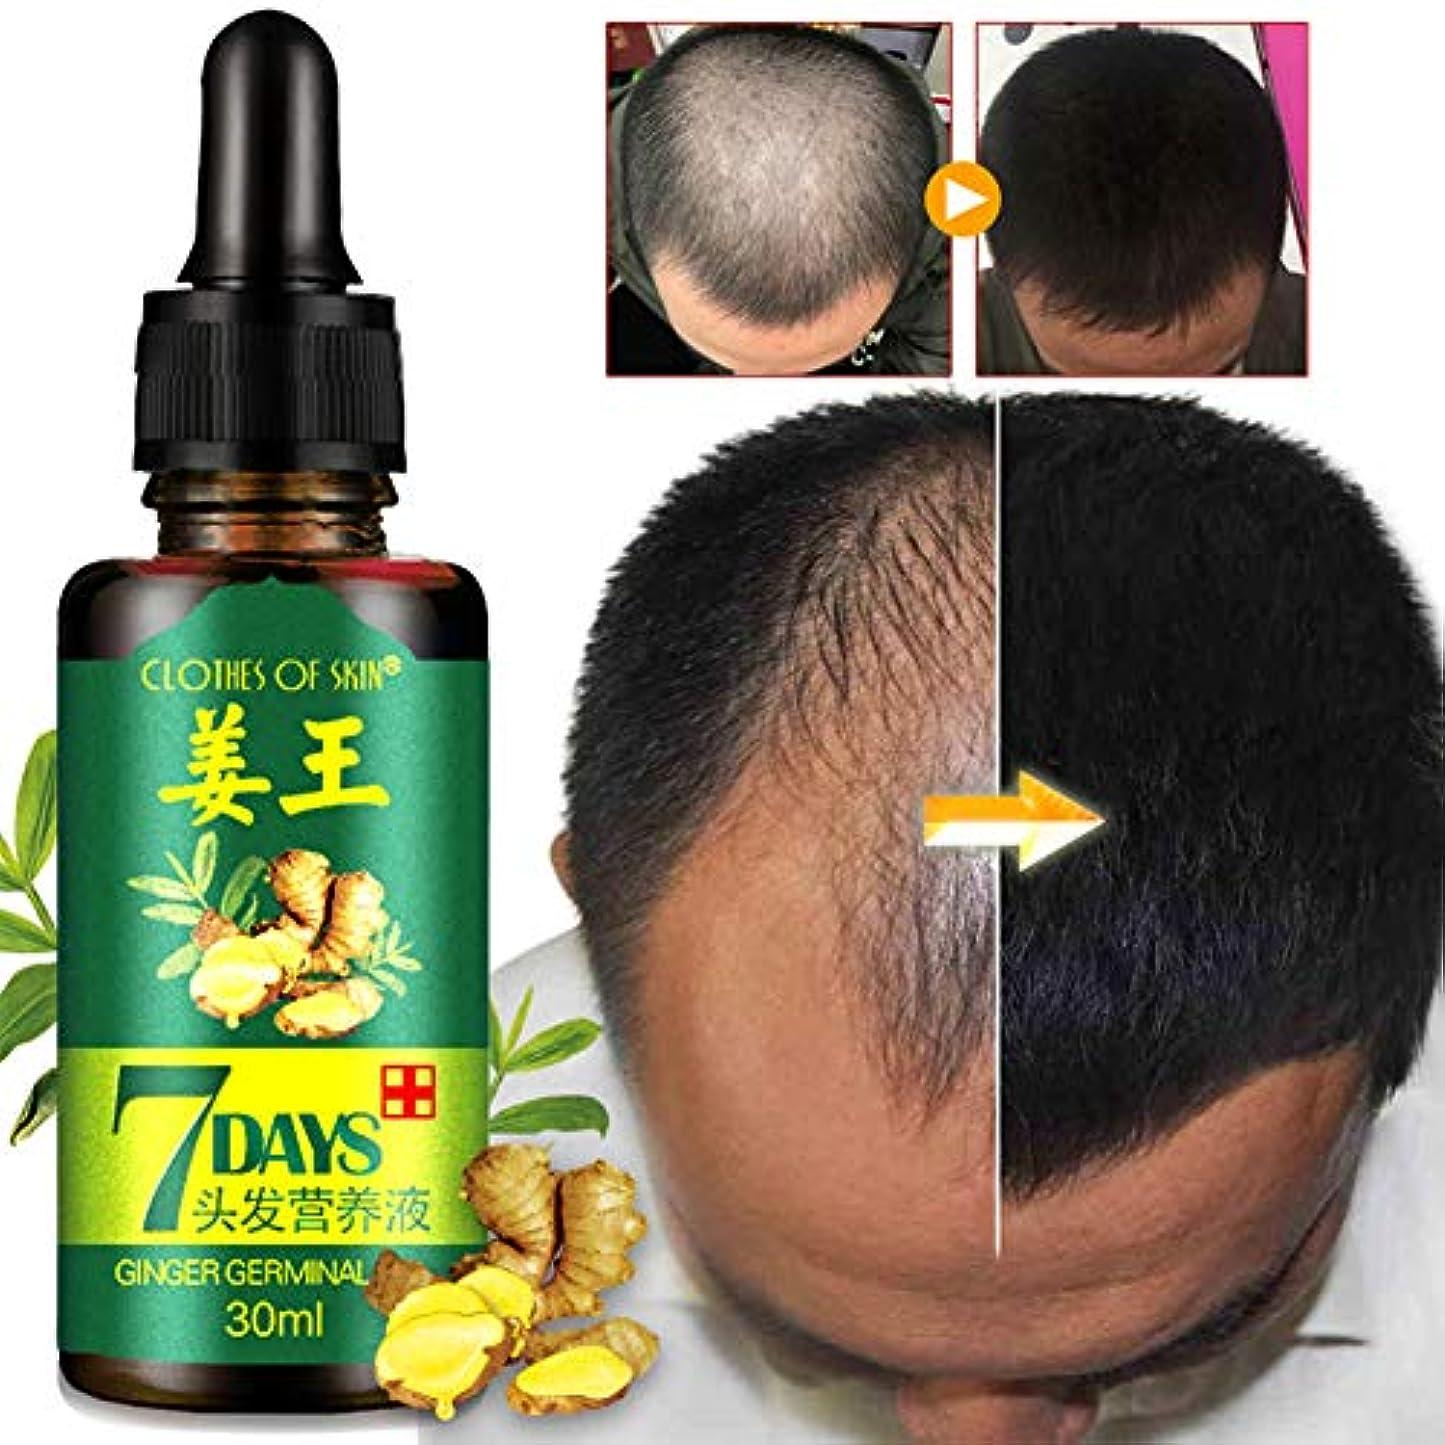 ささいな野ウサギ混乱したBalai 男性と女性のためのより健康的な髪のヘアケアのための脱毛治療 生inger毛成長血清 30ml